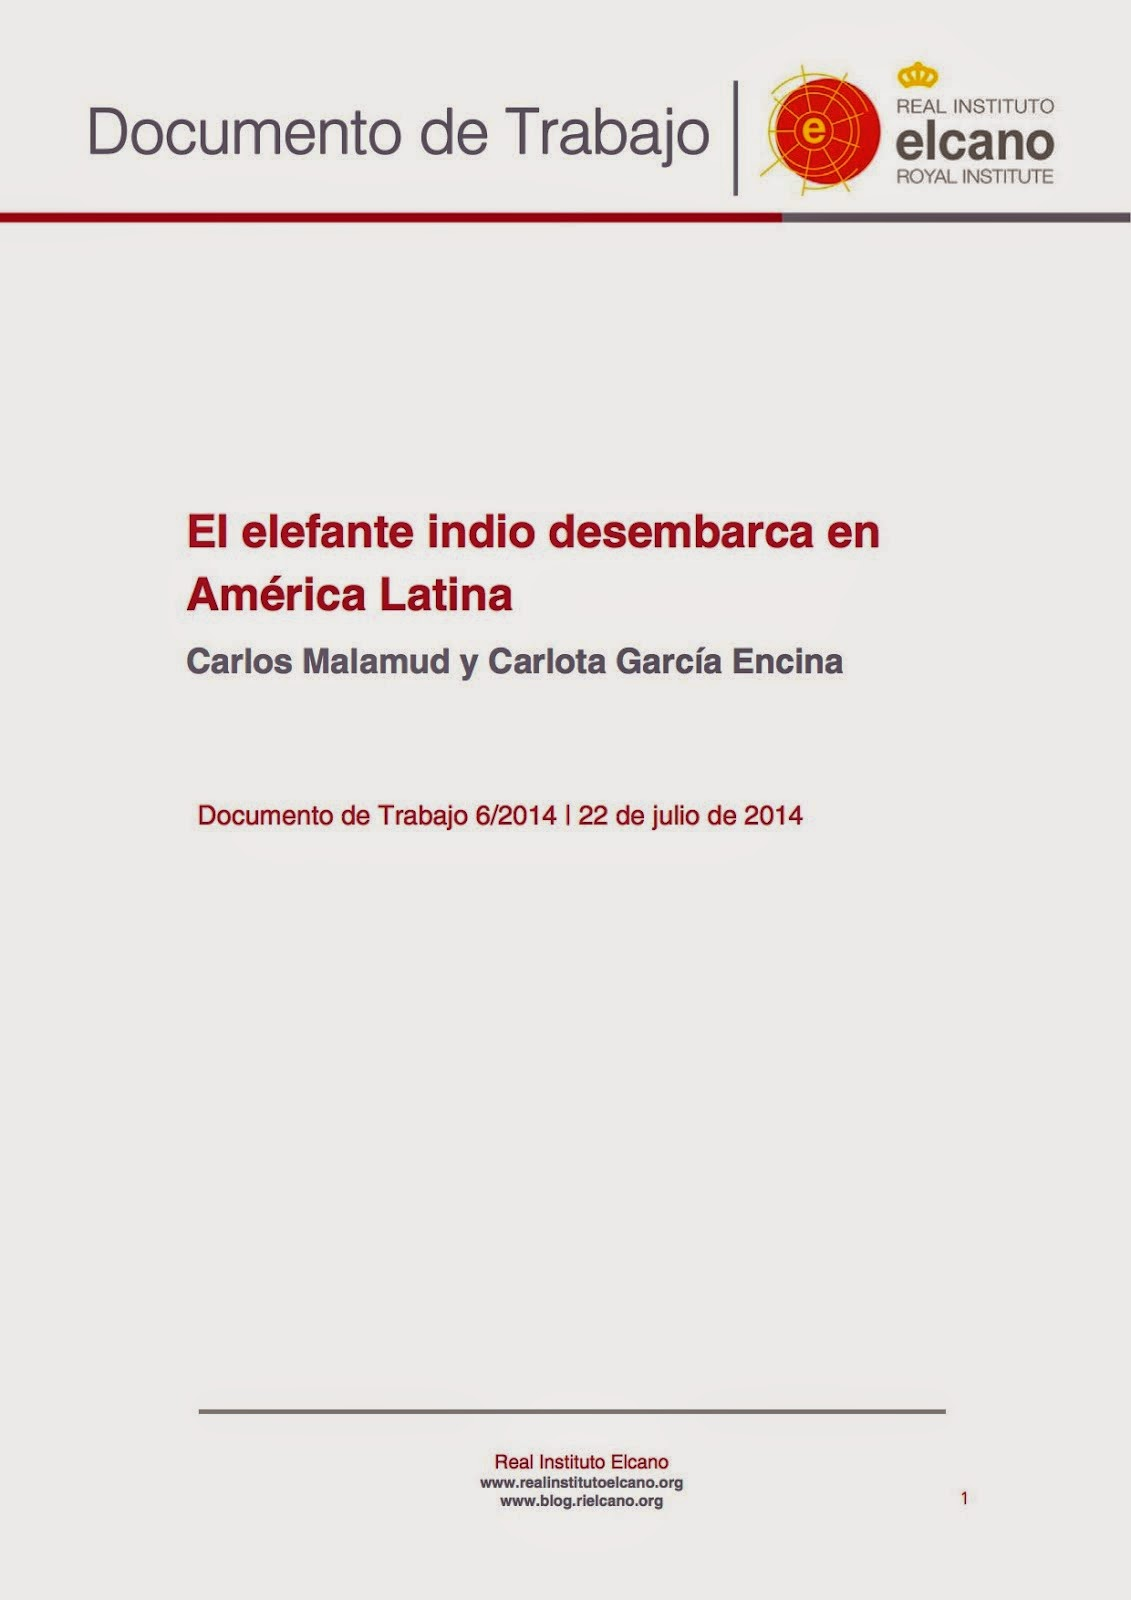 El elefante indio desembarca en América Latina